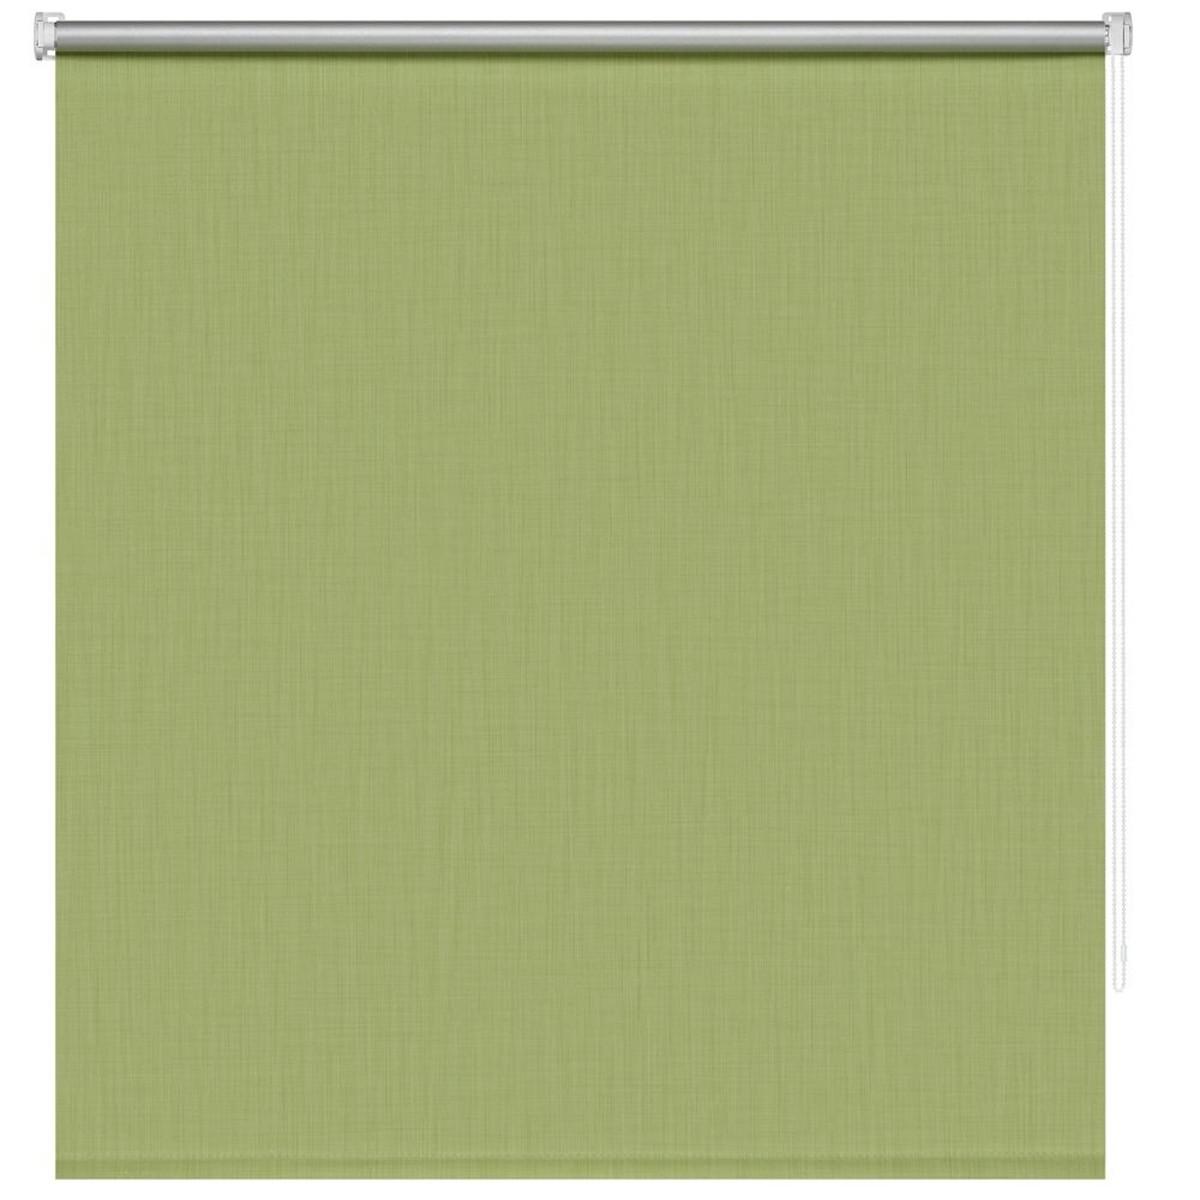 Рулонная Ора Decofest Блэкаут Селия 140Х175 Цвет Зеленый